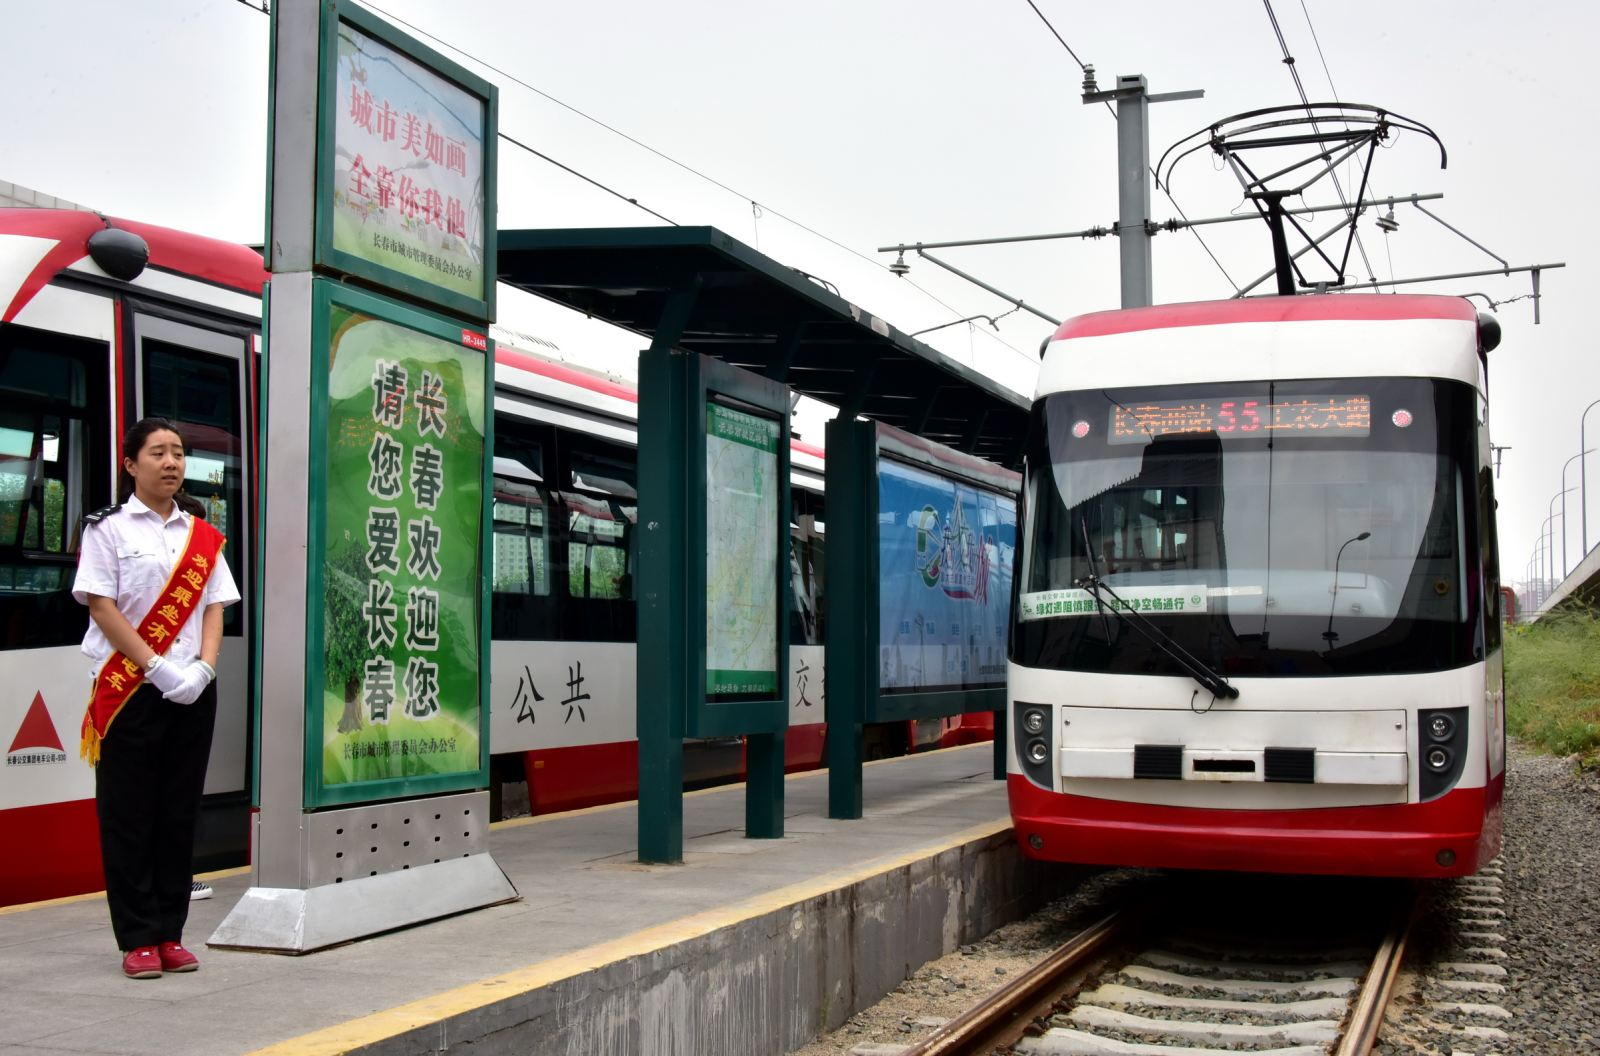 北京站站台票在哪买_12点坐客车到长春还能买到今天到北京的火车票吗 现在长春到 ...